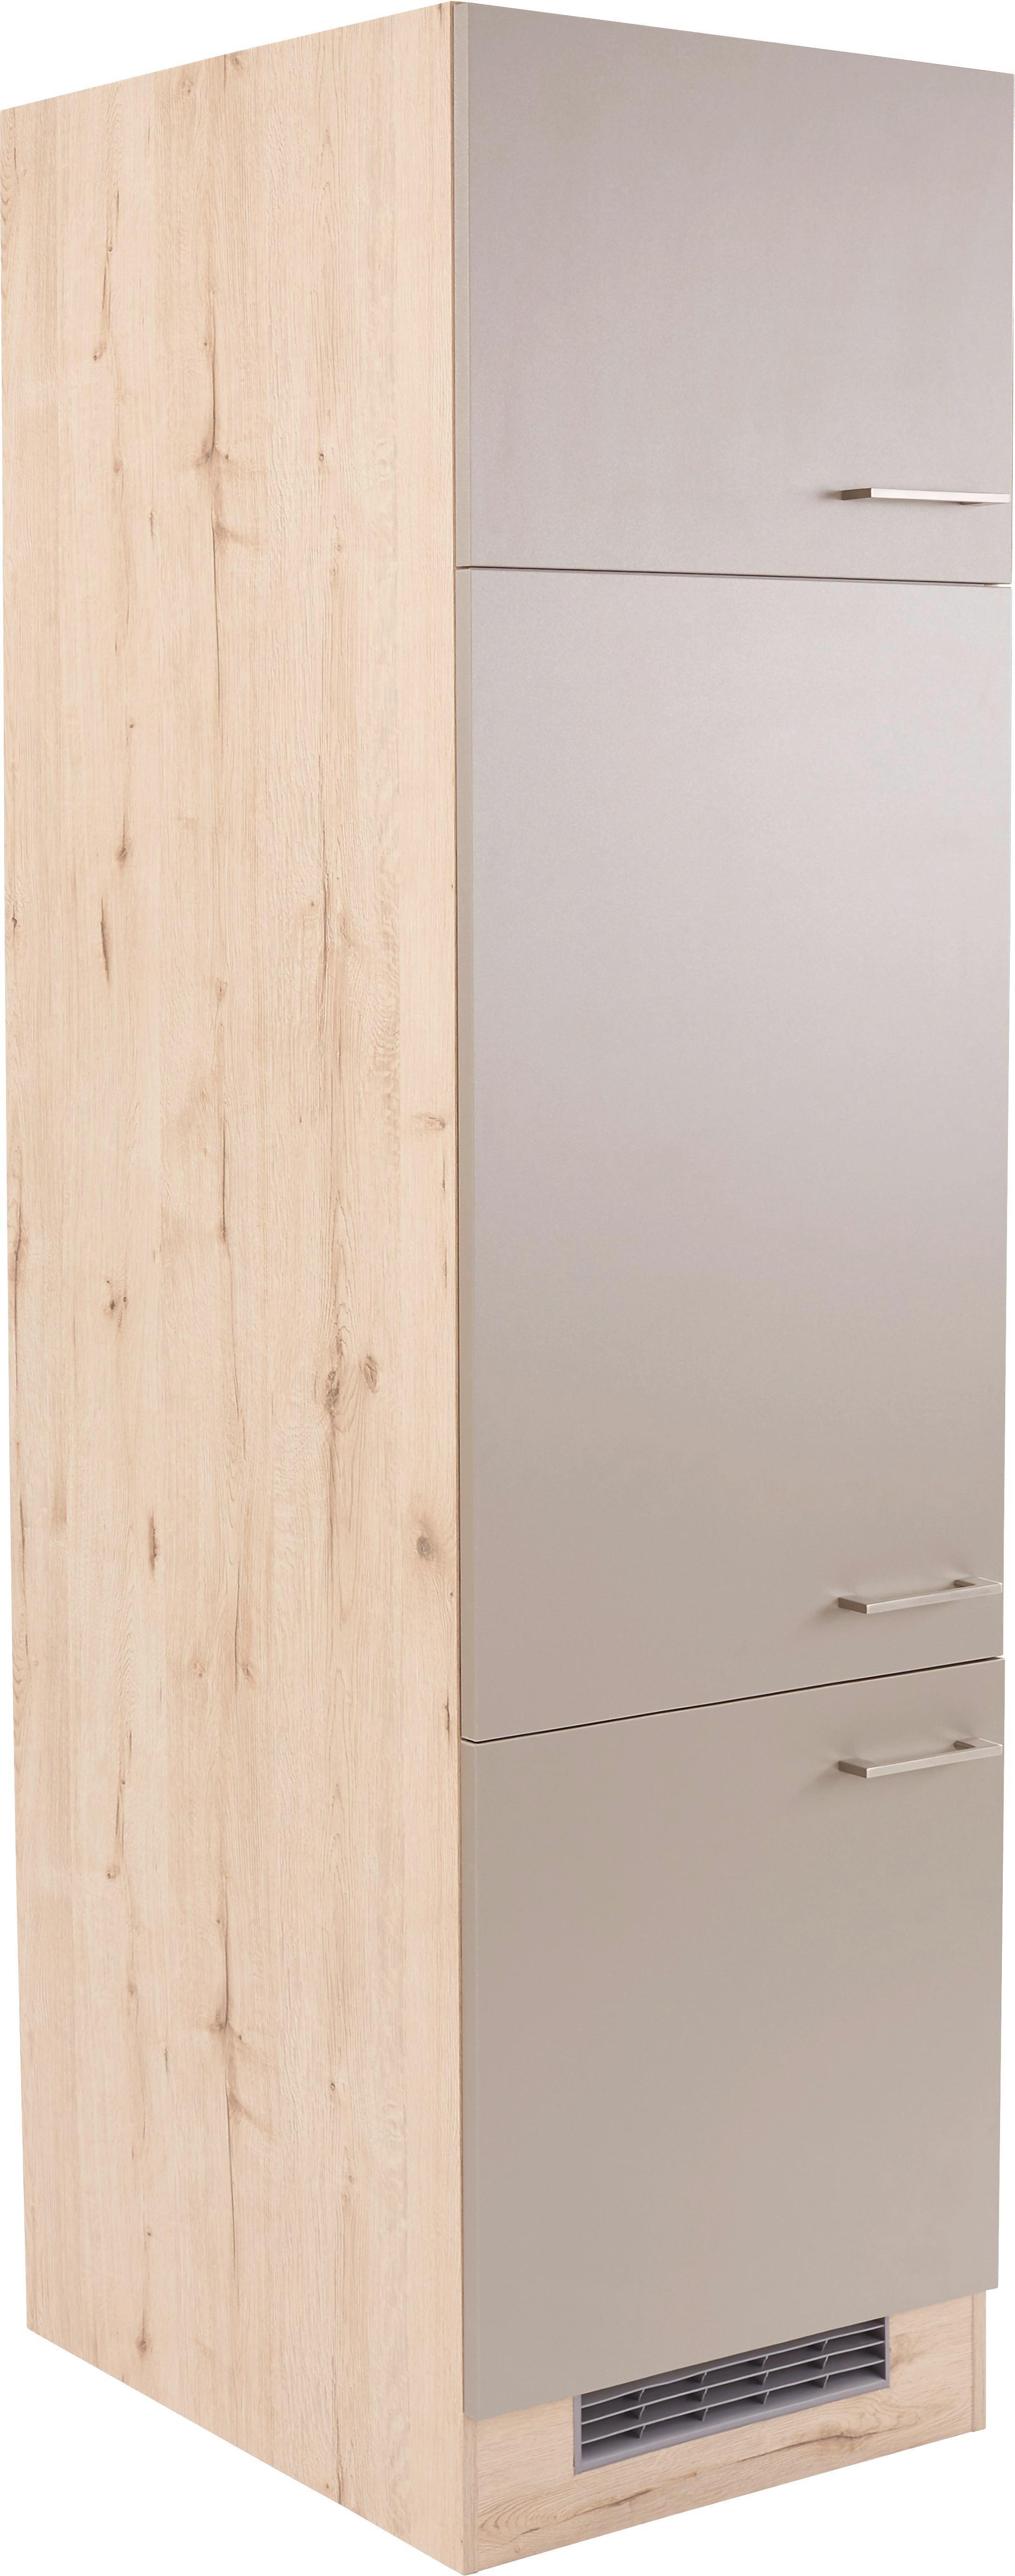 Kühlschrankumbau : Kühlschrankumbau riva git online kaufen ➤ möbelix